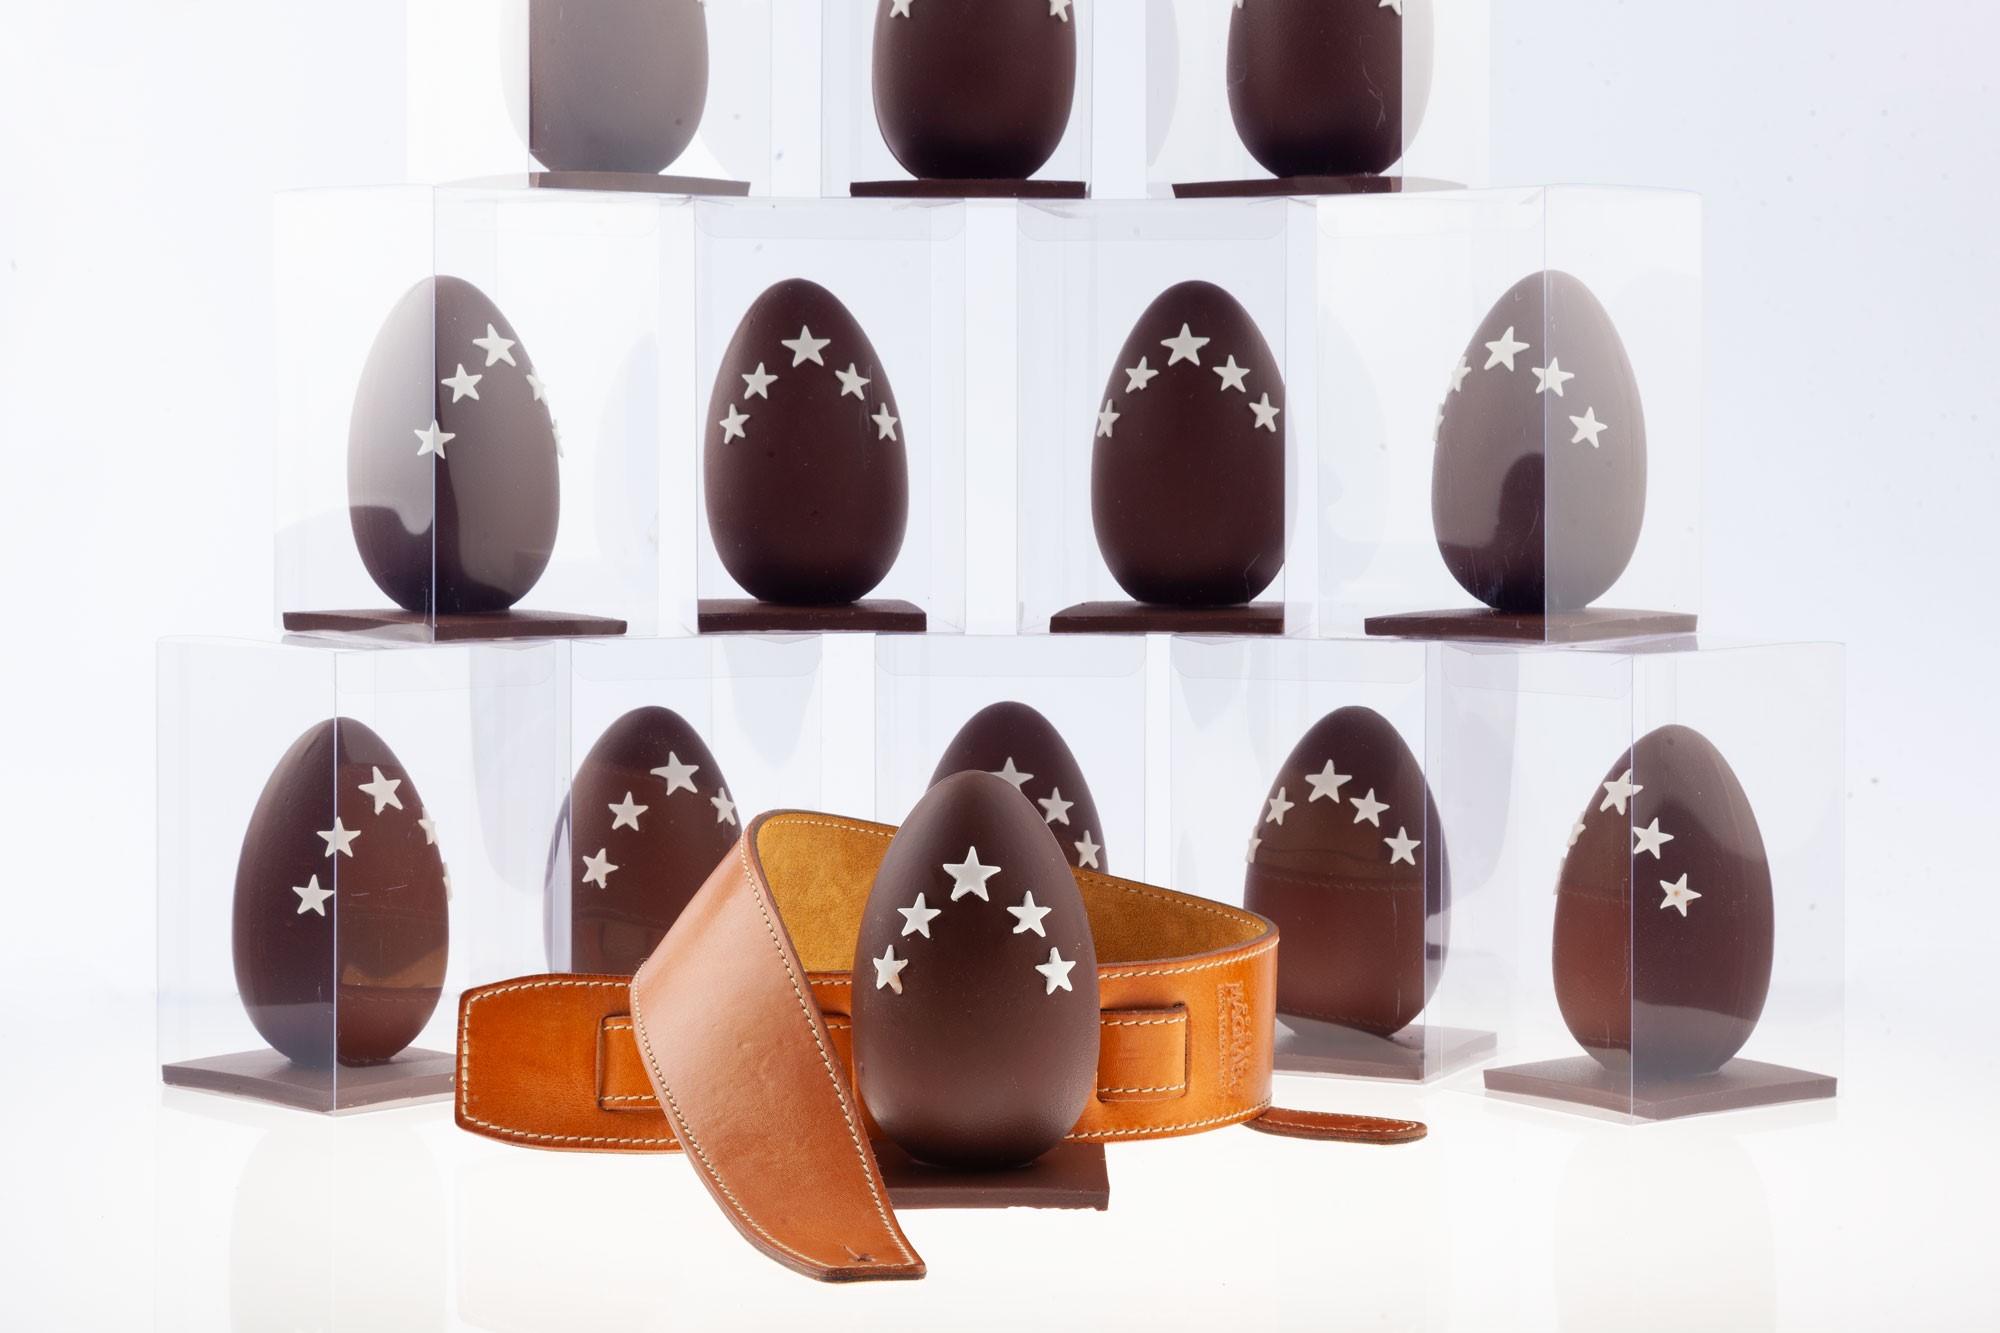 Tra note di gusto con l'uovo di Pasqua Magrabò & Guerrino